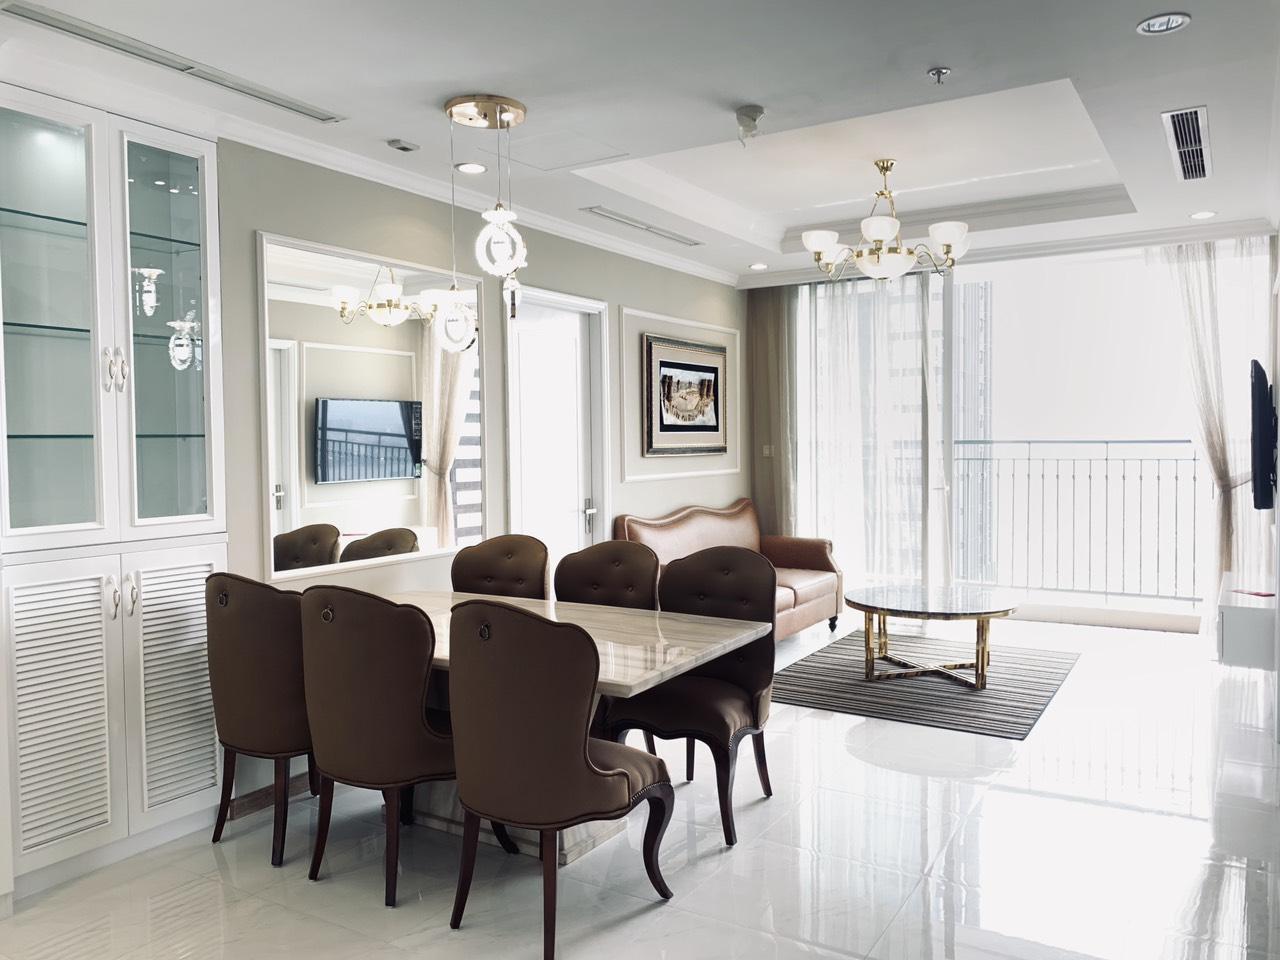 Bán căn hộ 3 phòng ngủ Vinhomes Central Park - ID 010060